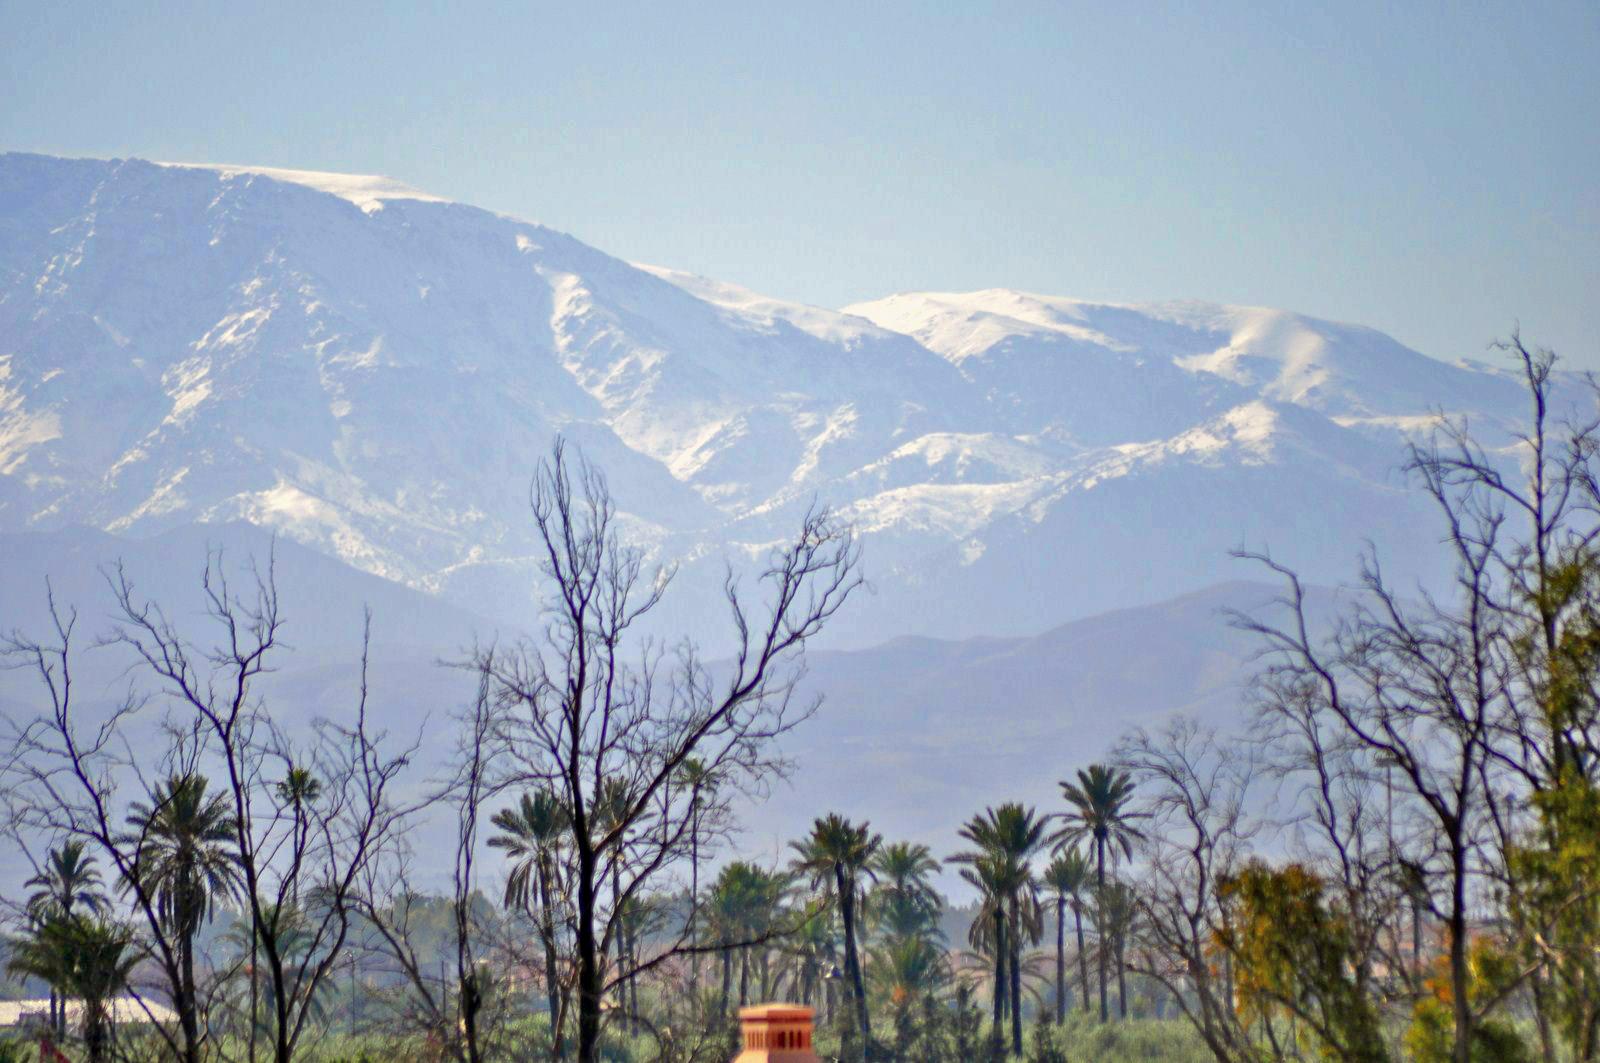 Maravillosas vistas de la cordillera del Atlas desde nuestro ámplio balcón en la habitación four seasons marrakech - 15907927555 552807ae92 h - Four Seasons Marrakech, oasis en la ciudad roja